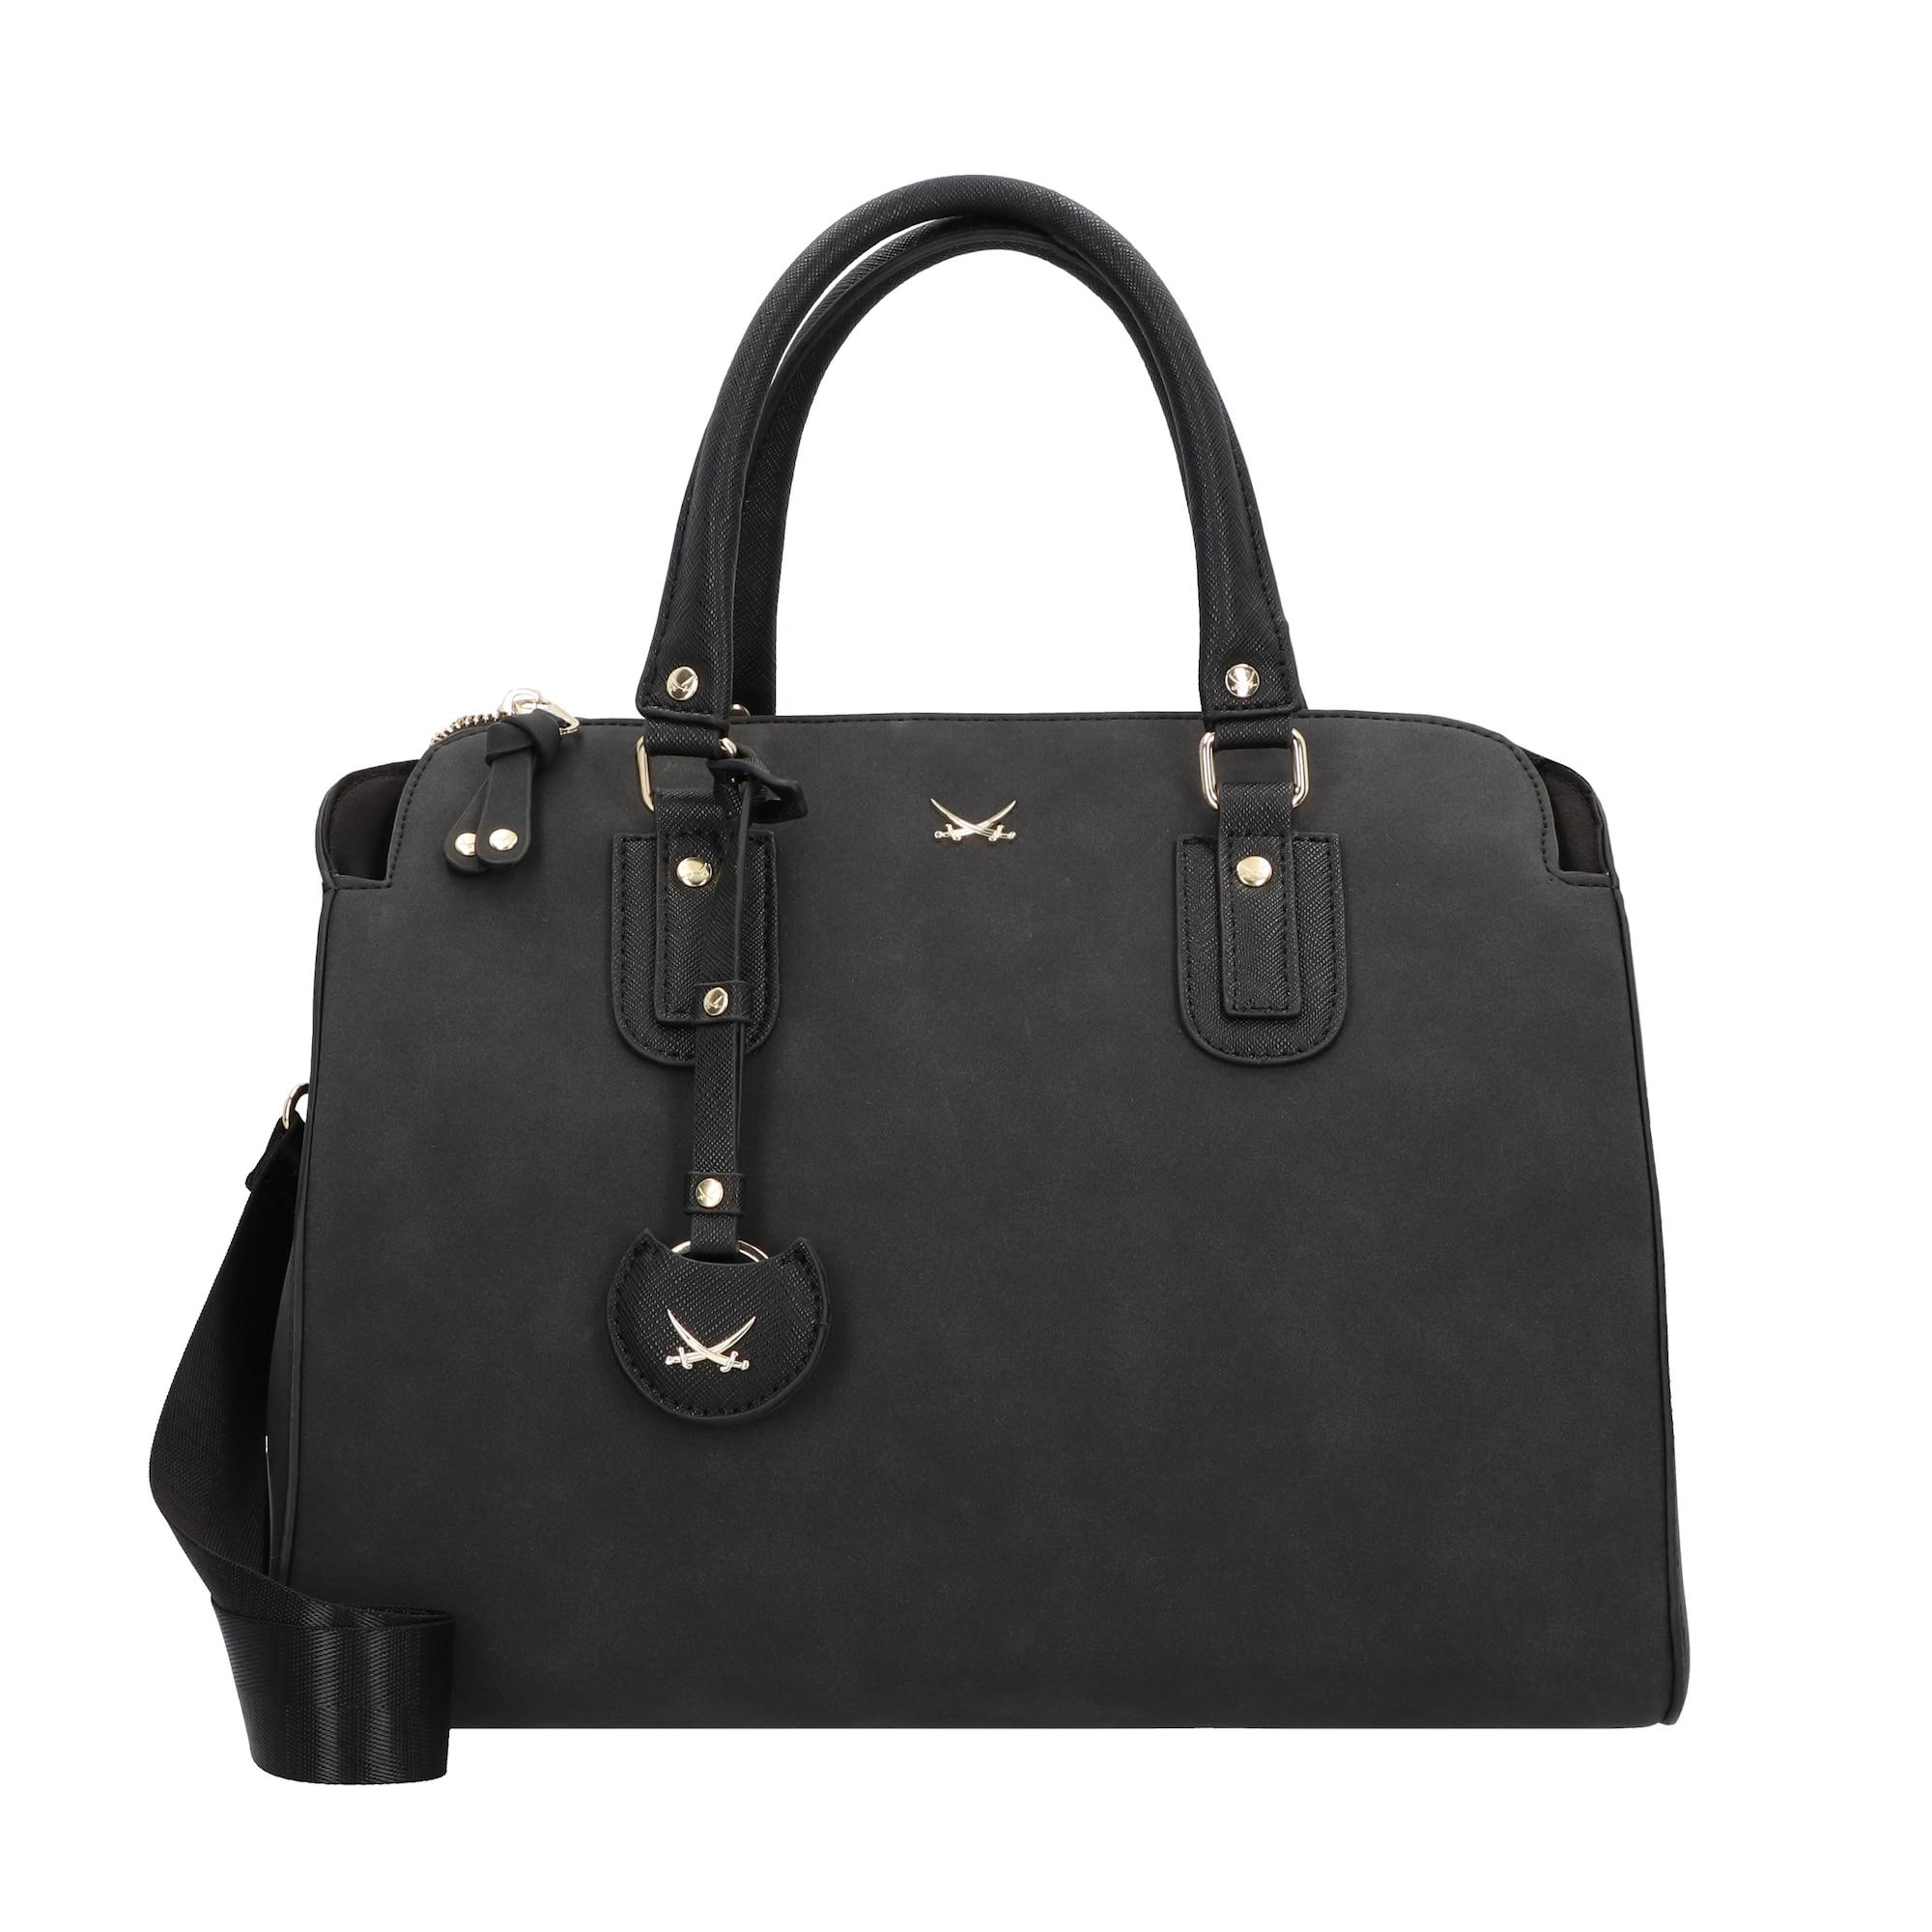 Handtasche   Taschen > Handtaschen > Sonstige Handtaschen   Schwarz   SANSIBAR